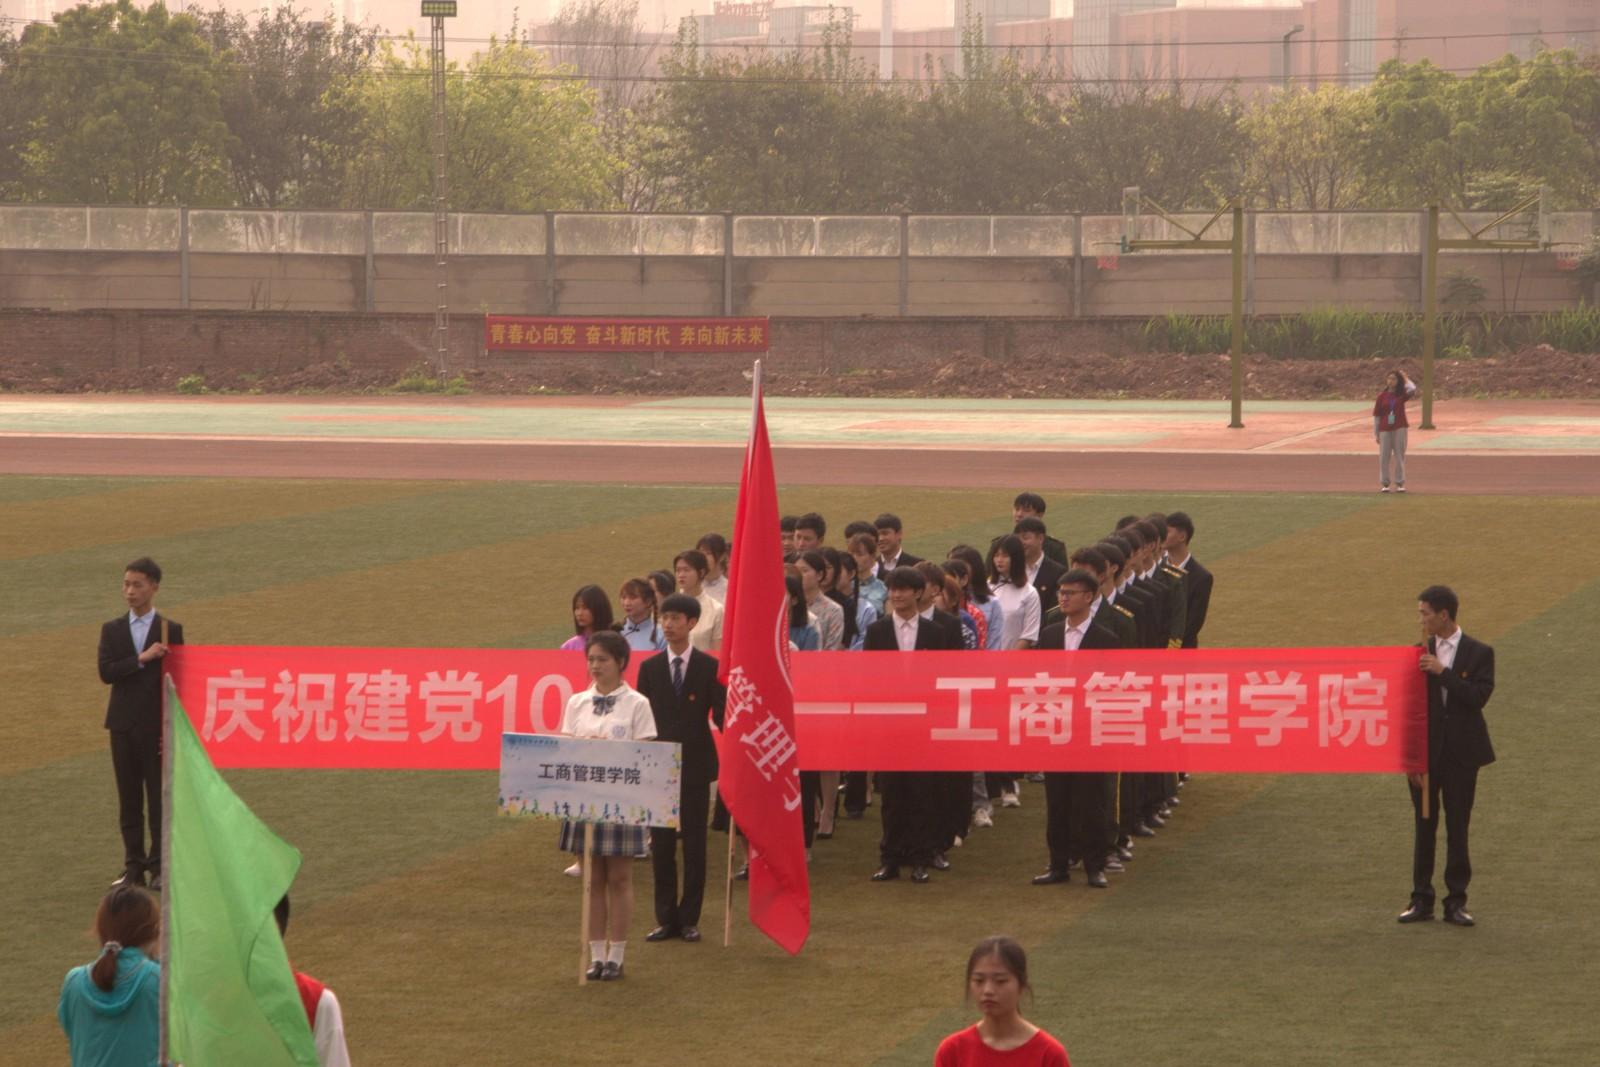 勇往直前,亮出风采——重庆轻工职业学院第九届田径运动会